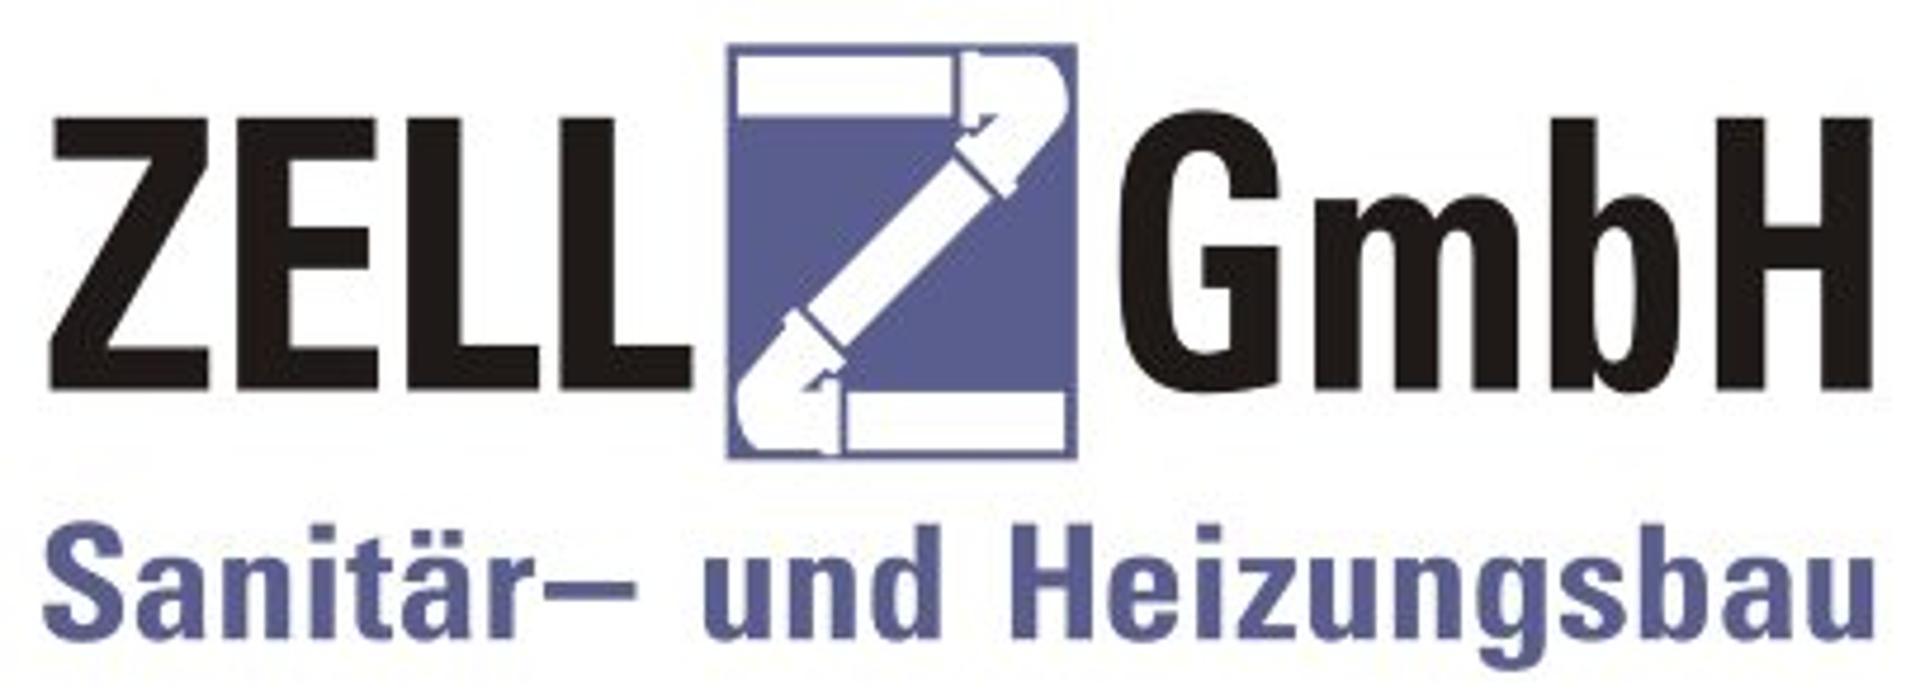 Bild zu Zell GmbH Sanitär- und Heizungsbau in Frankfurt am Main